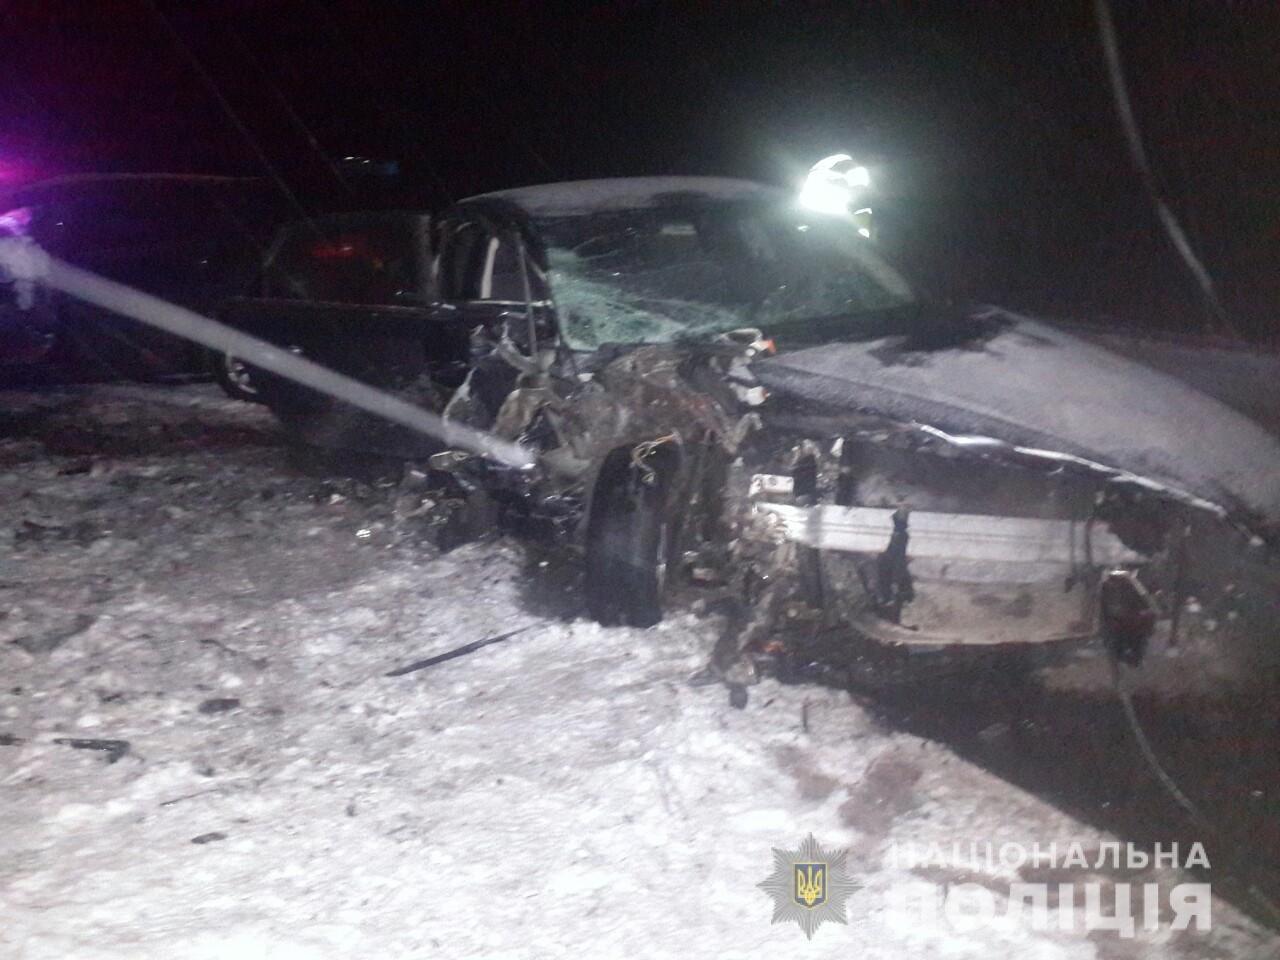 В Мелитопольском районе произошло смертельное ДТП , - ФОТО, фото-2